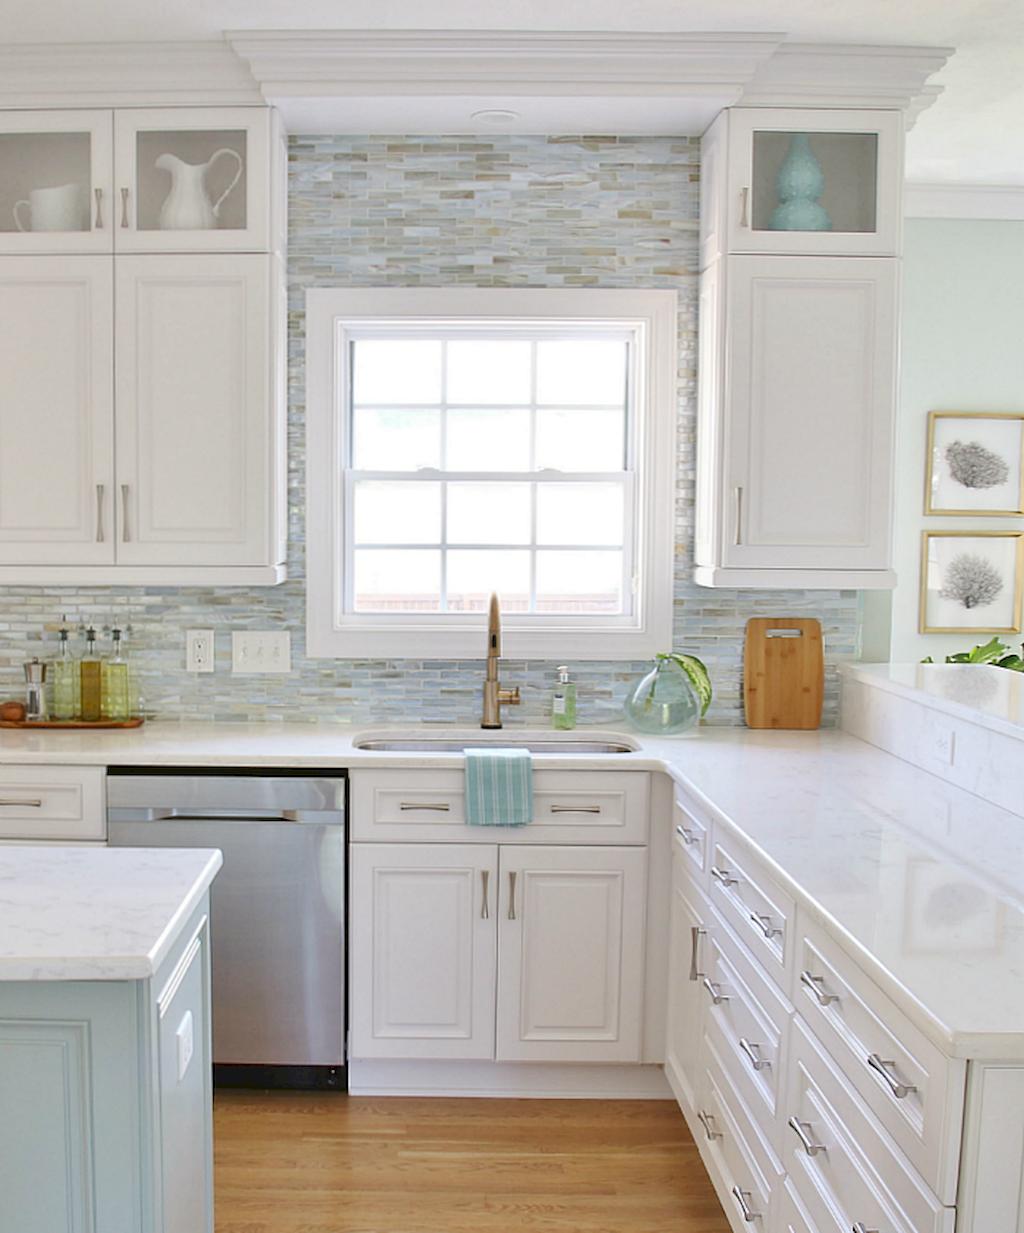 Kitchen Cabinets091